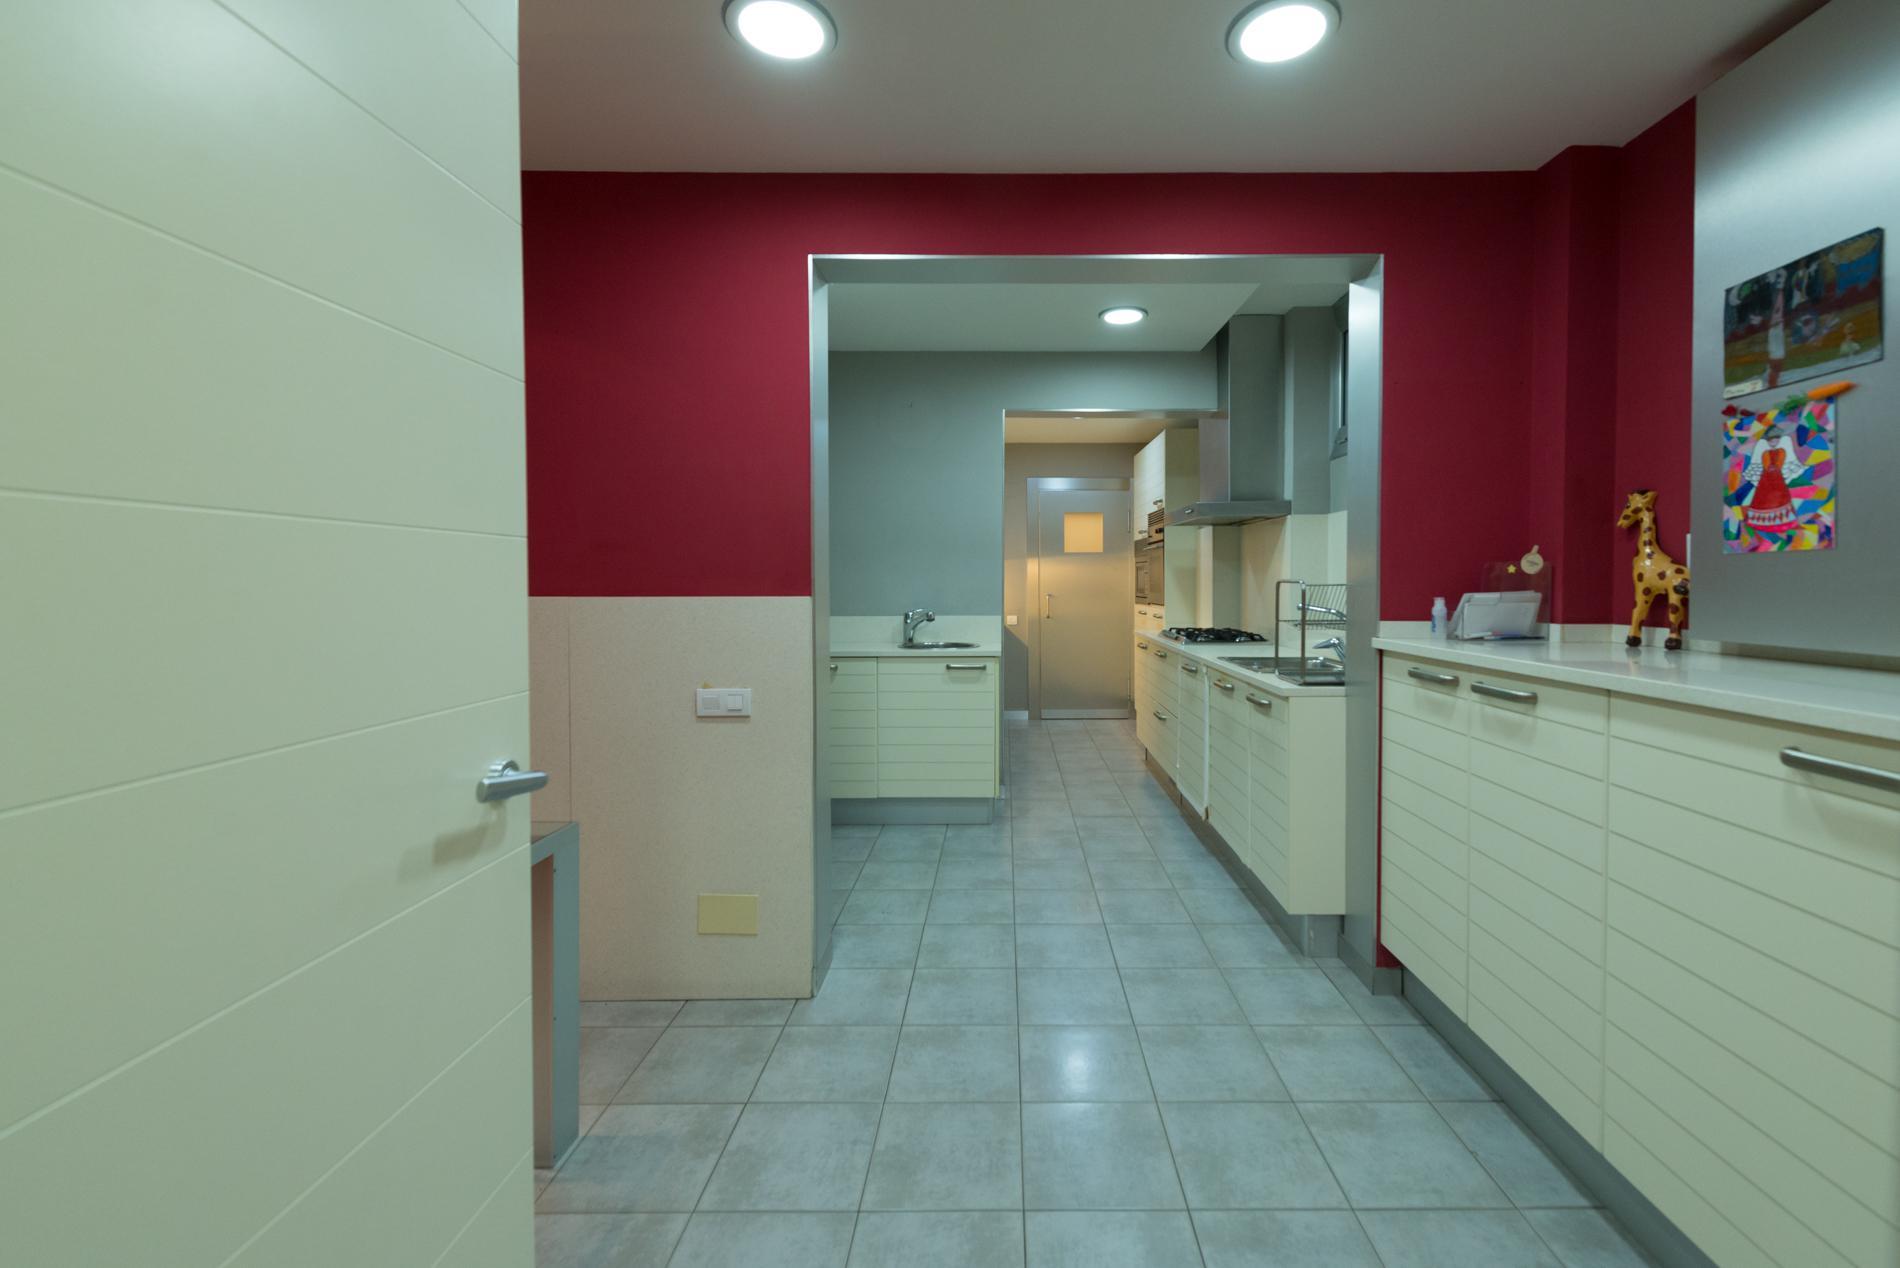 247761 Ground Floor for sale in Sarrià-Sant Gervasi, St. Gervasi-Bonanova 36